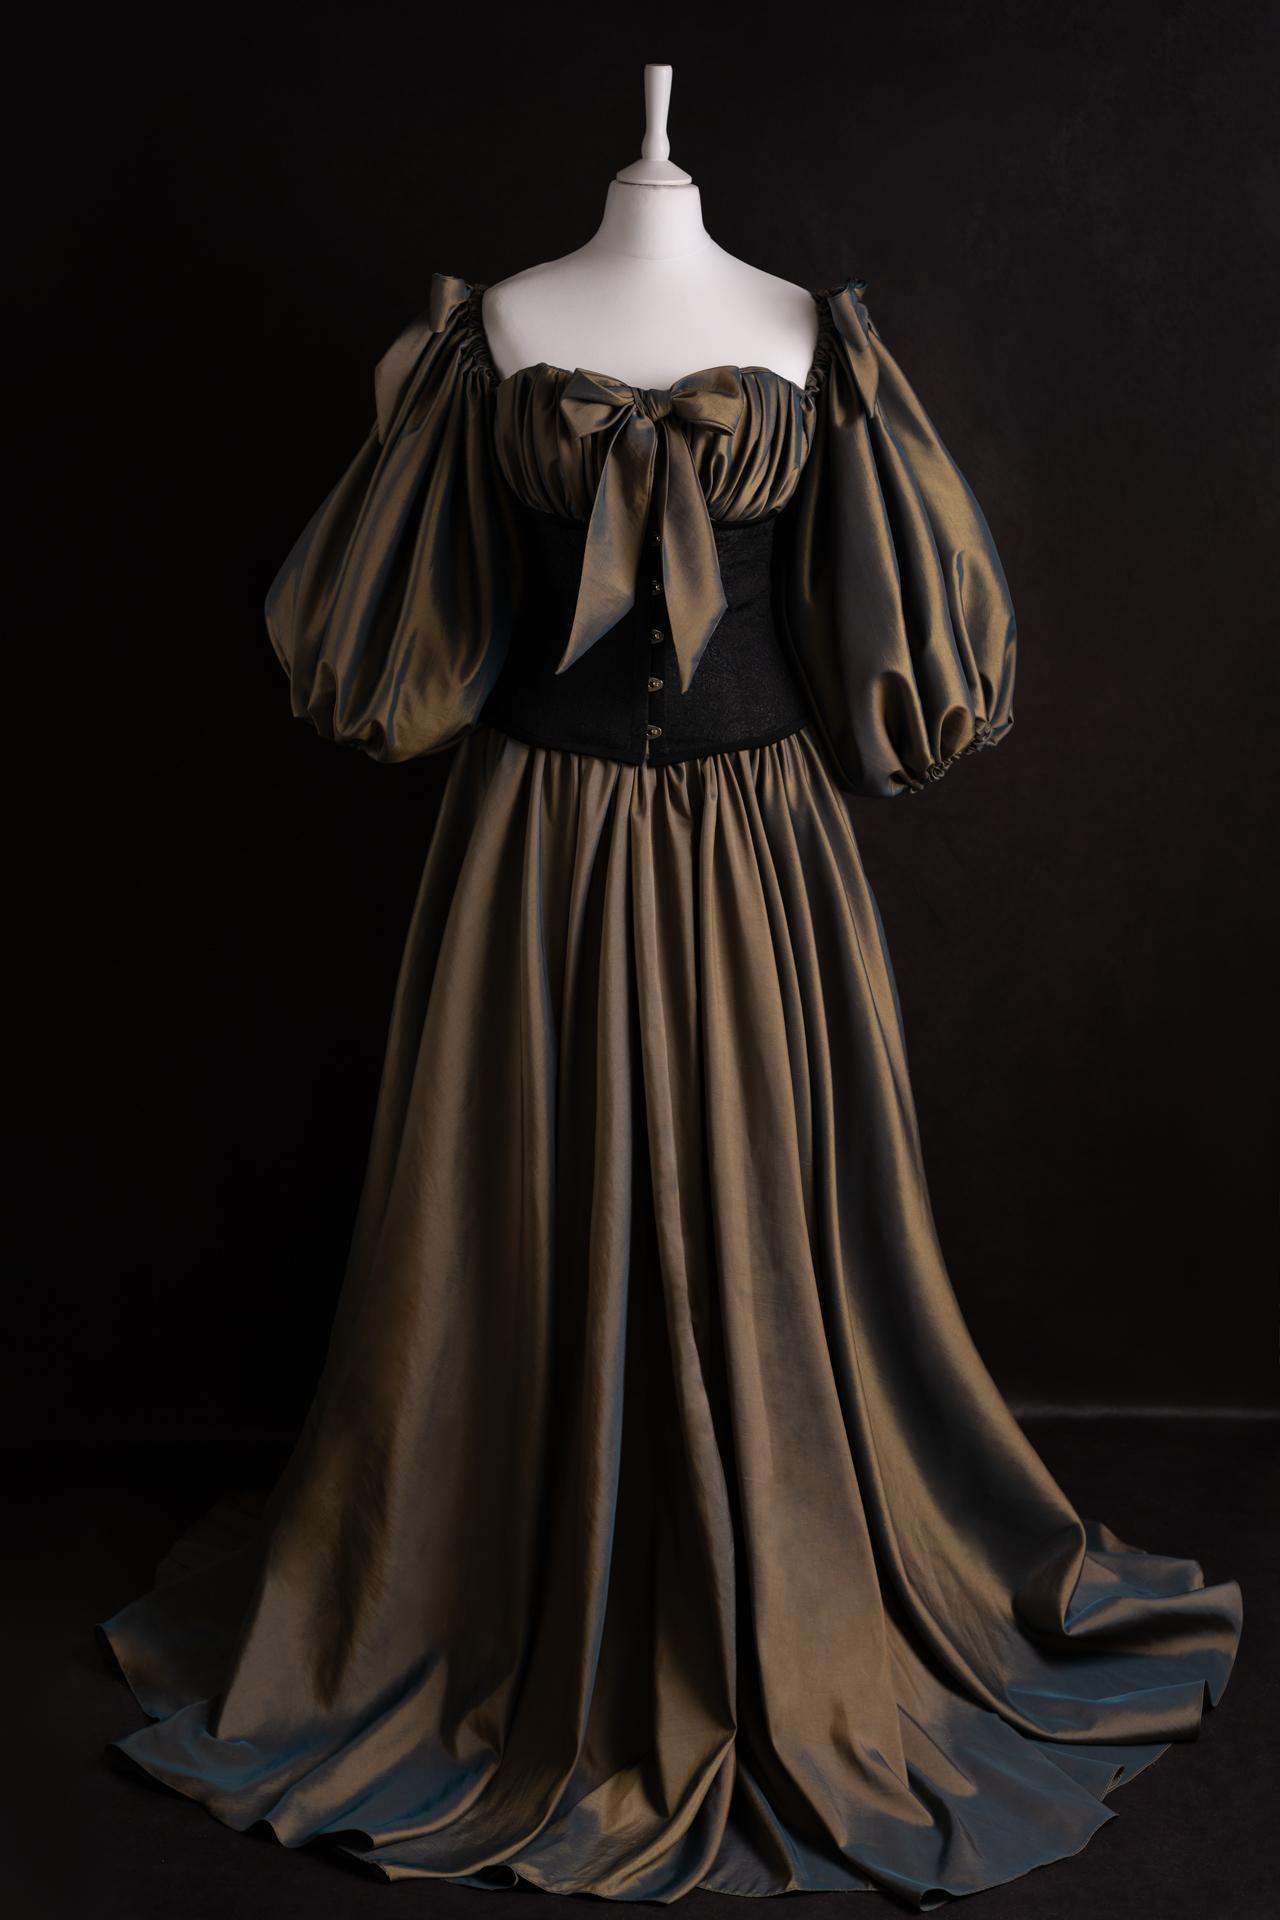 Robe verte à manches bouffantes & serre-taille noir